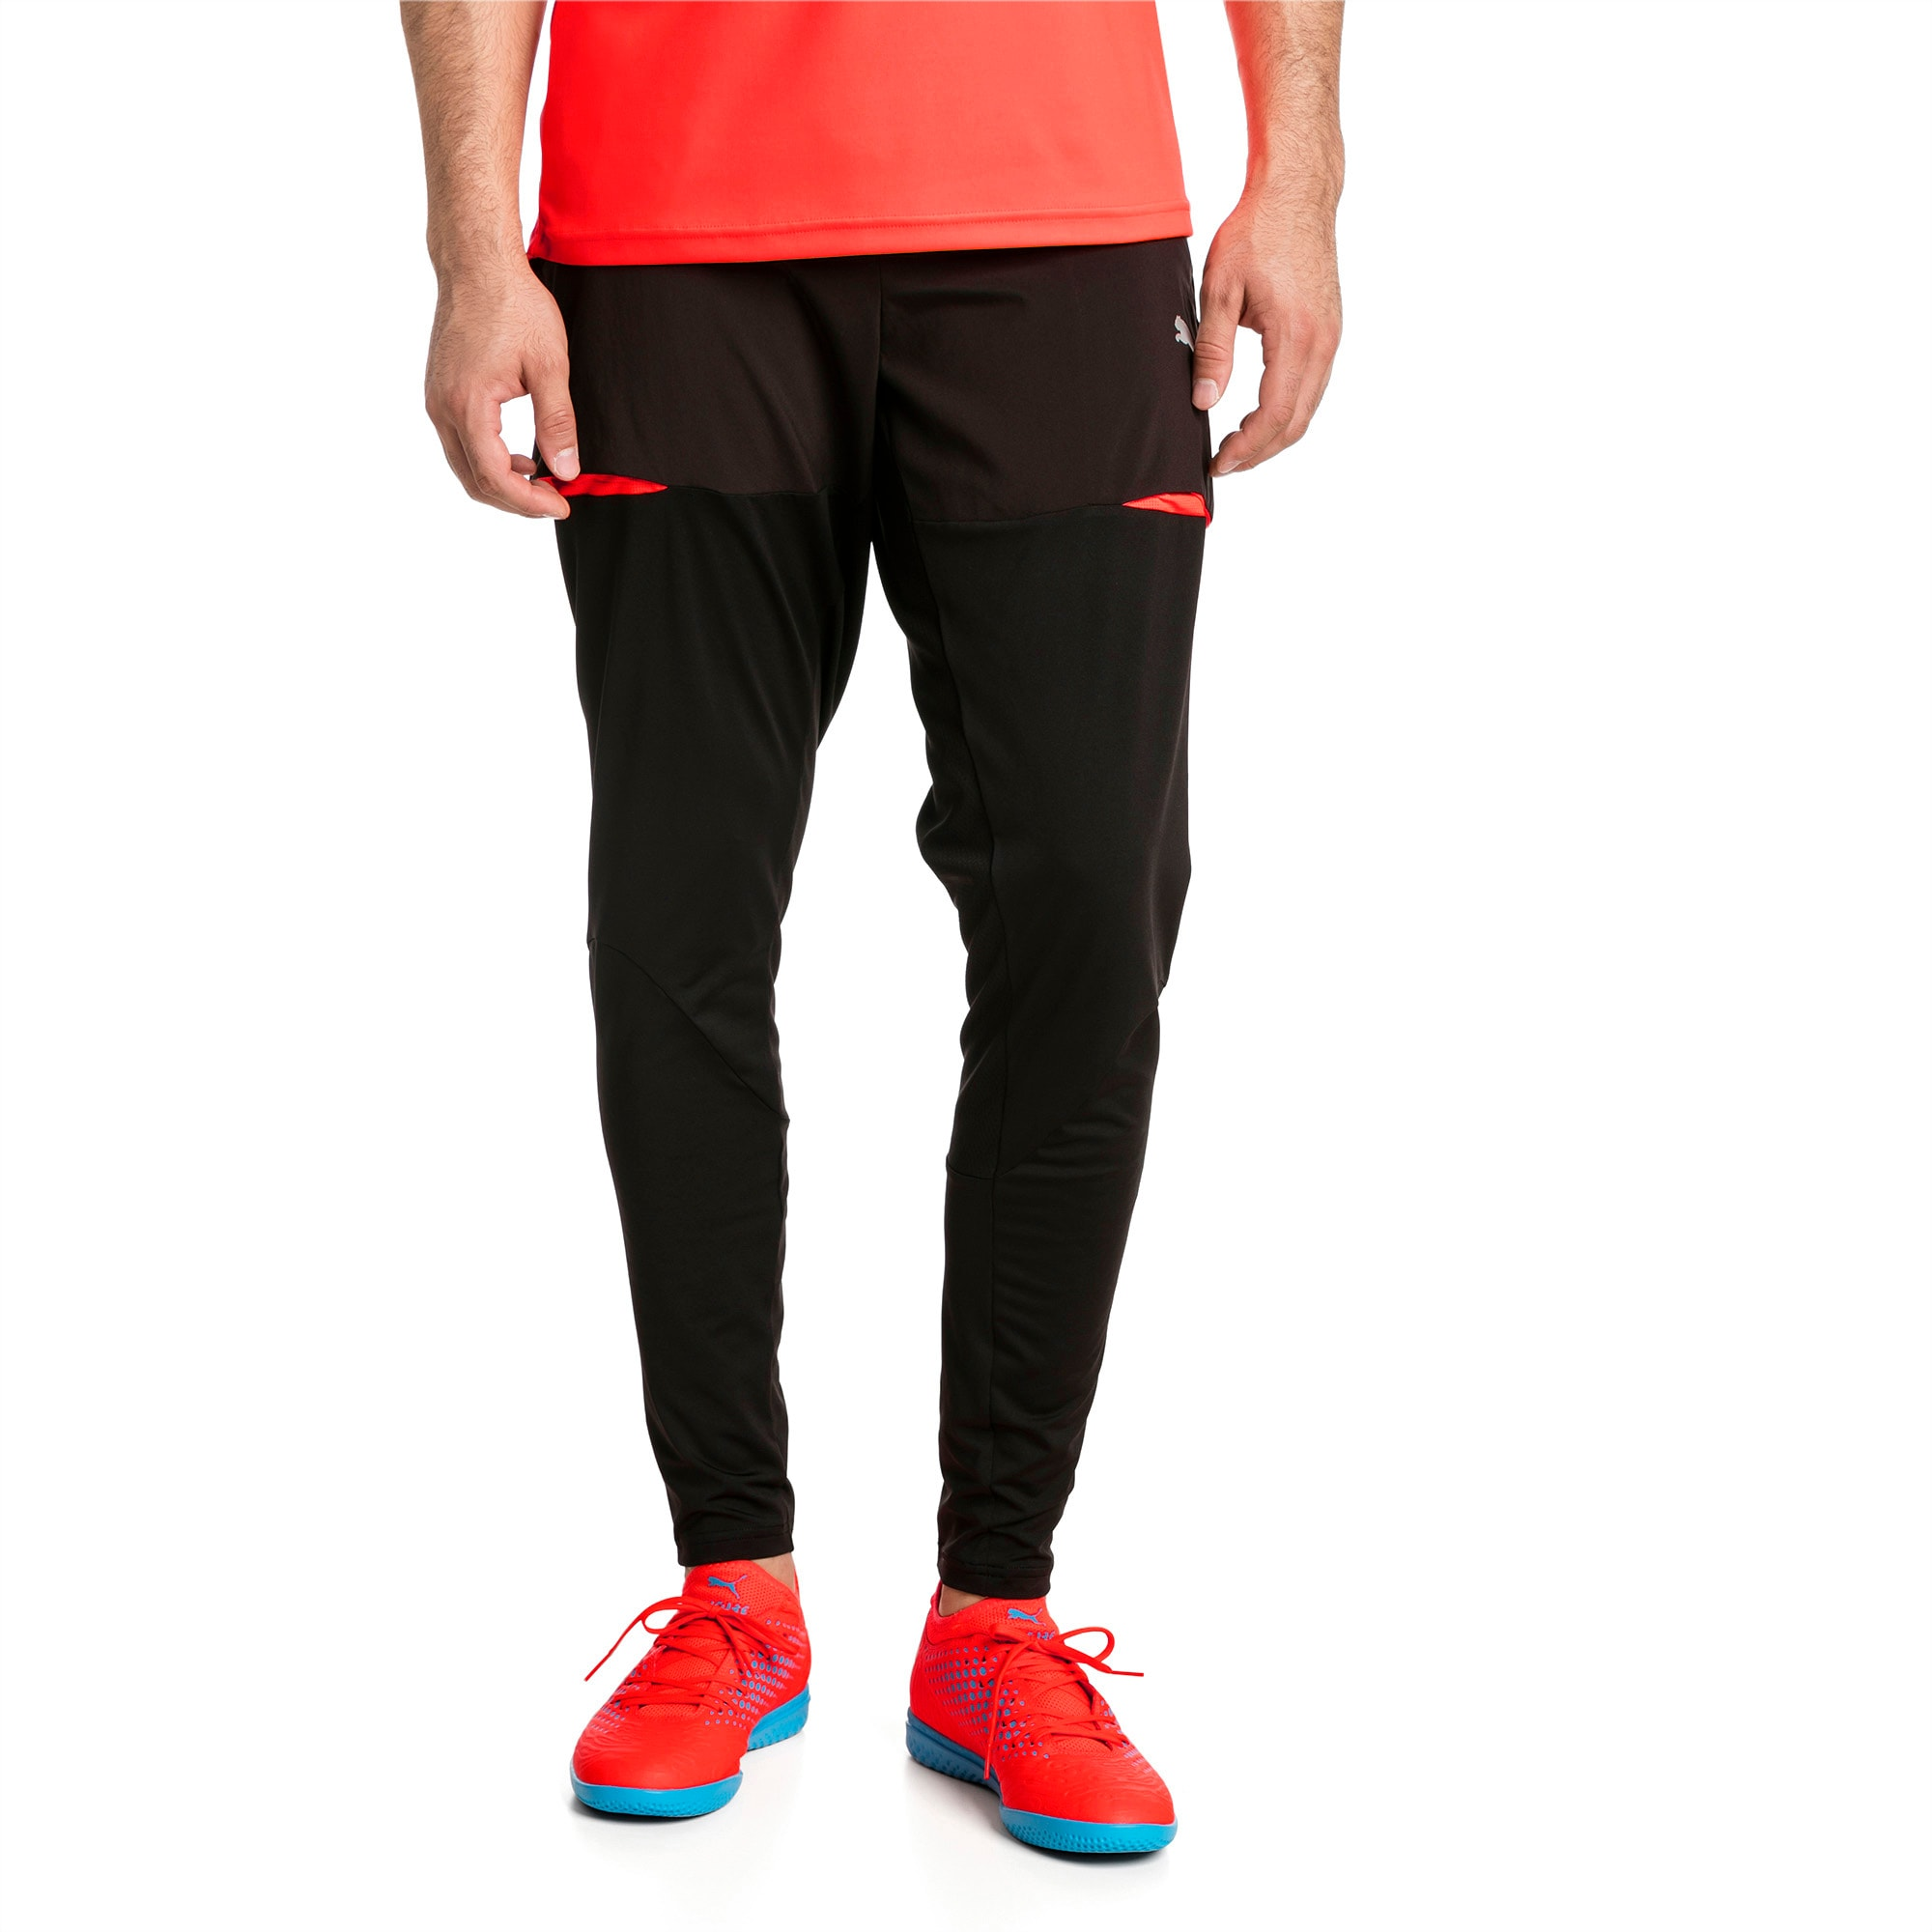 ftblNXT Pro Men's Training Pants